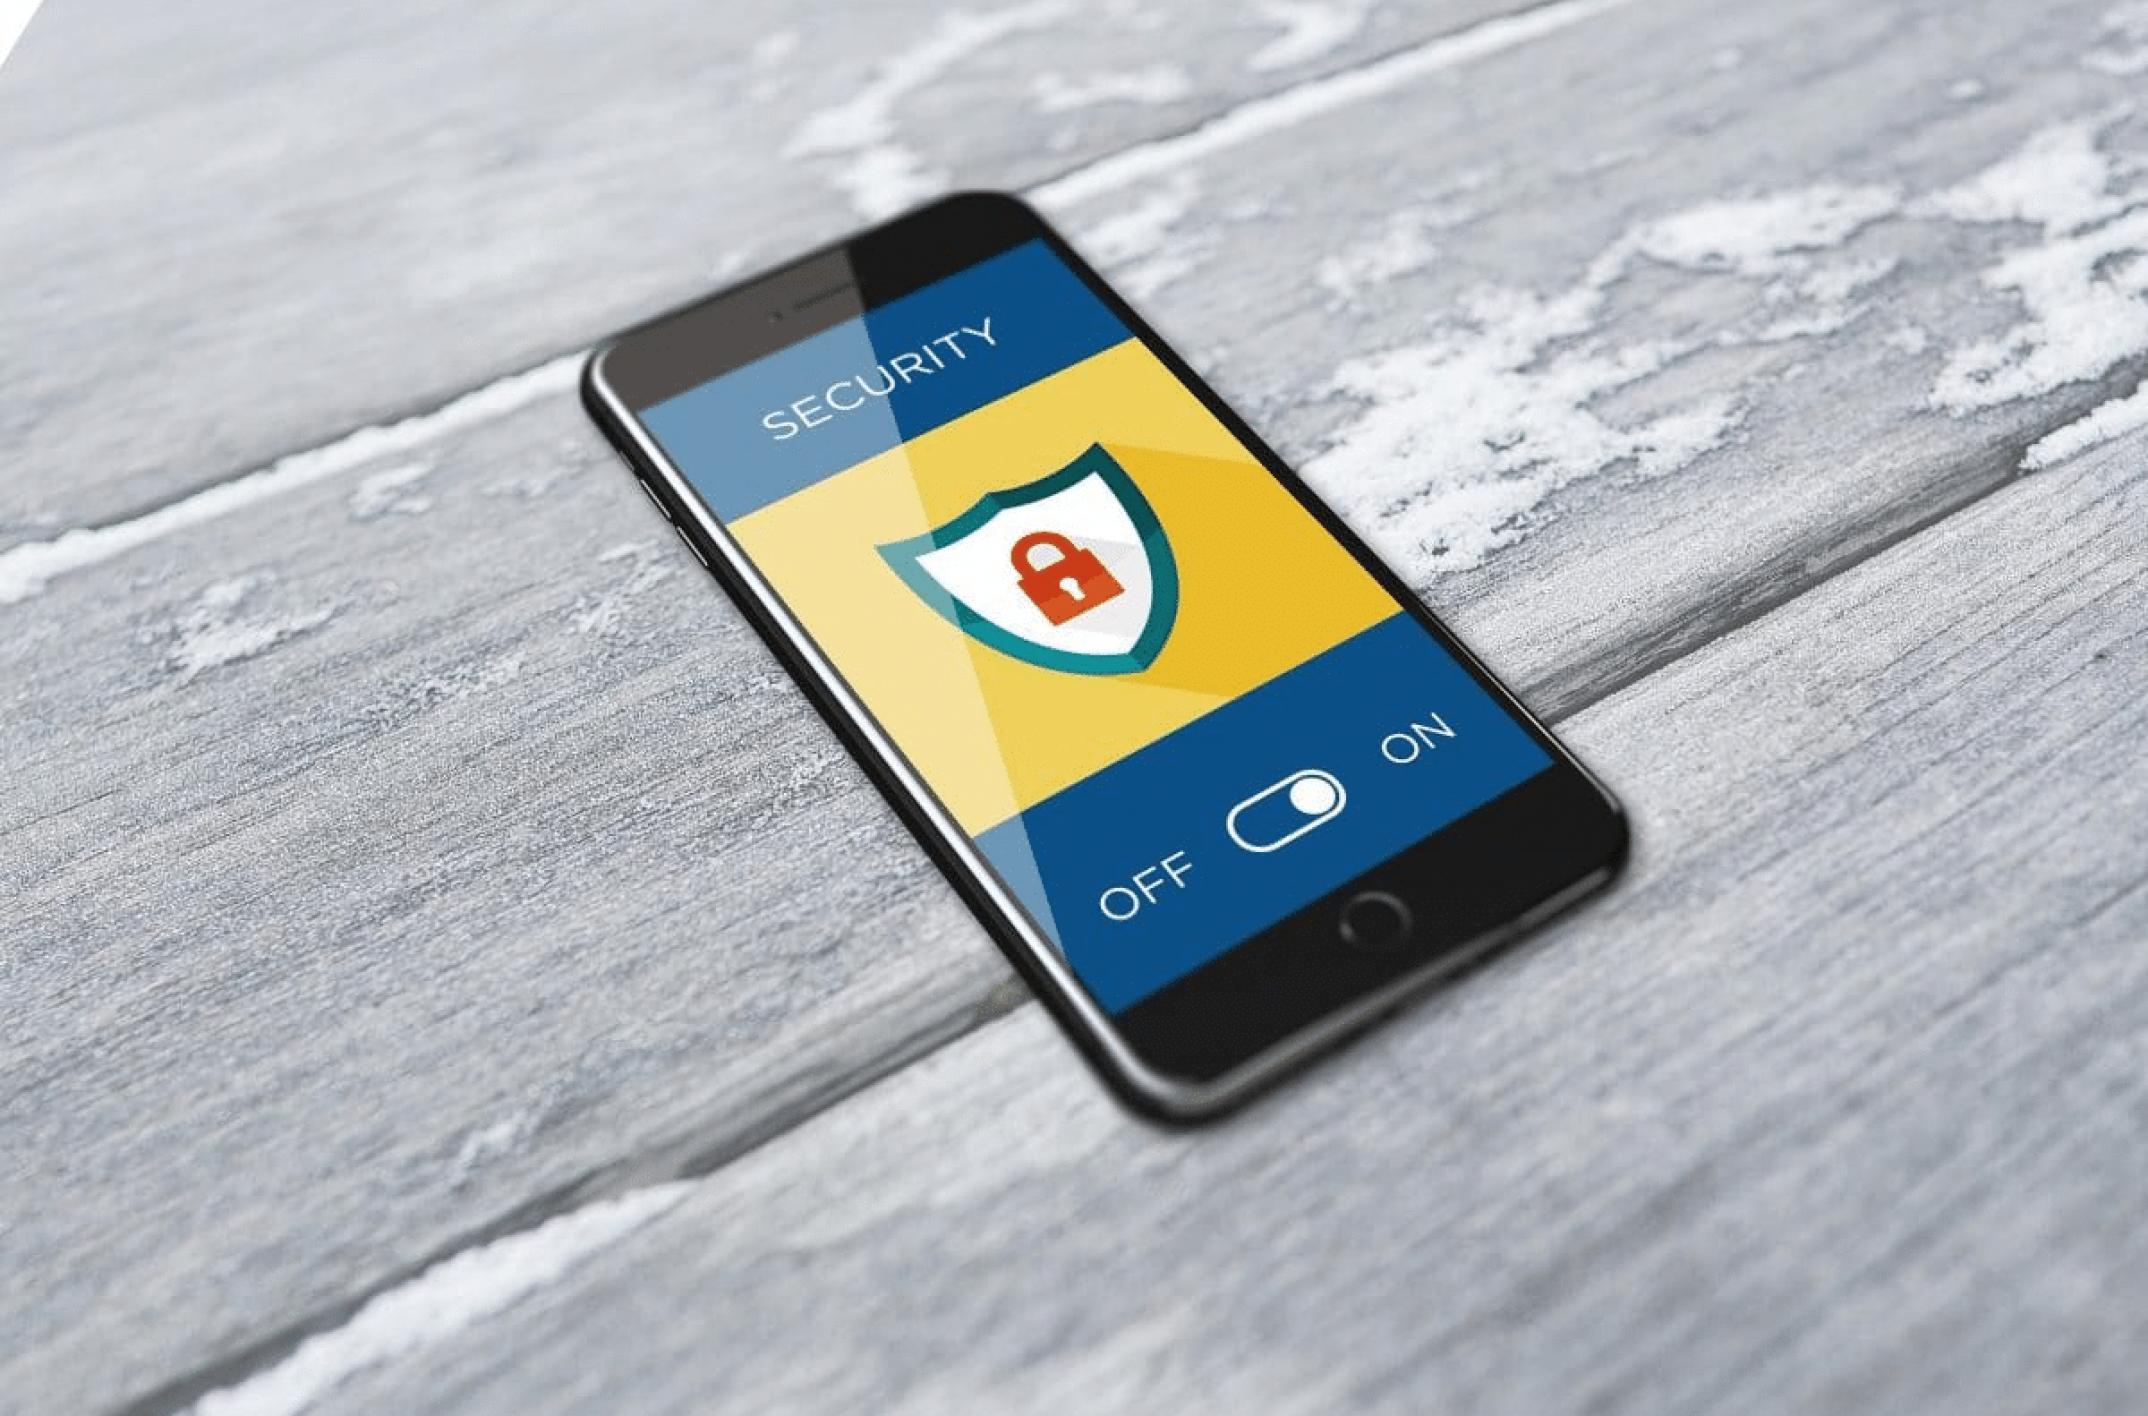 Comment éviter la perte des données de son smartphone ?